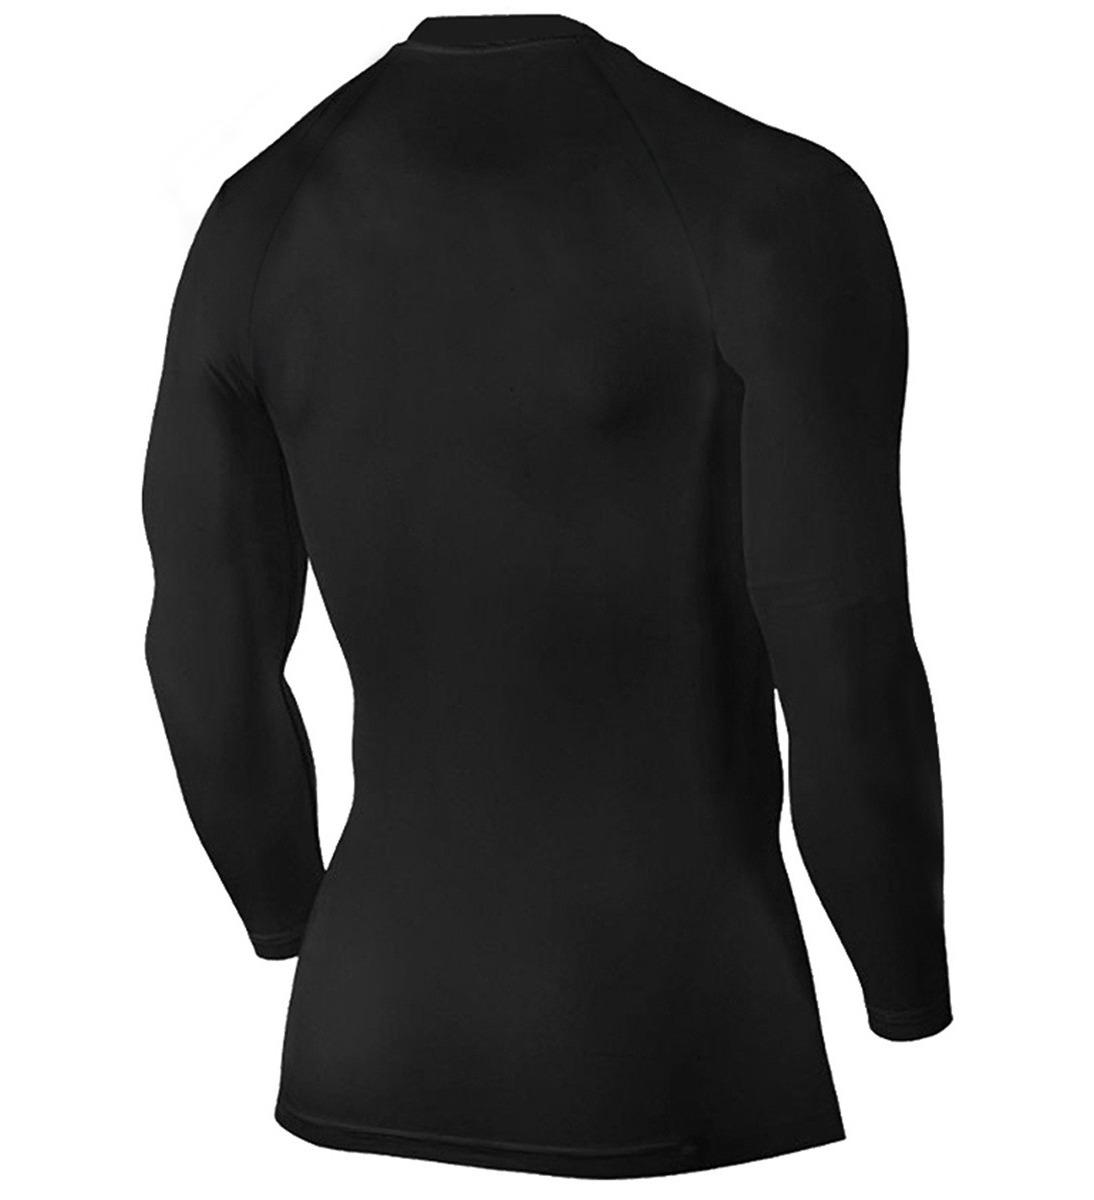 kit 5 camisa térmica segunda pele manga longa proteção uv. Carregando zoom. 97e991b6bbff4